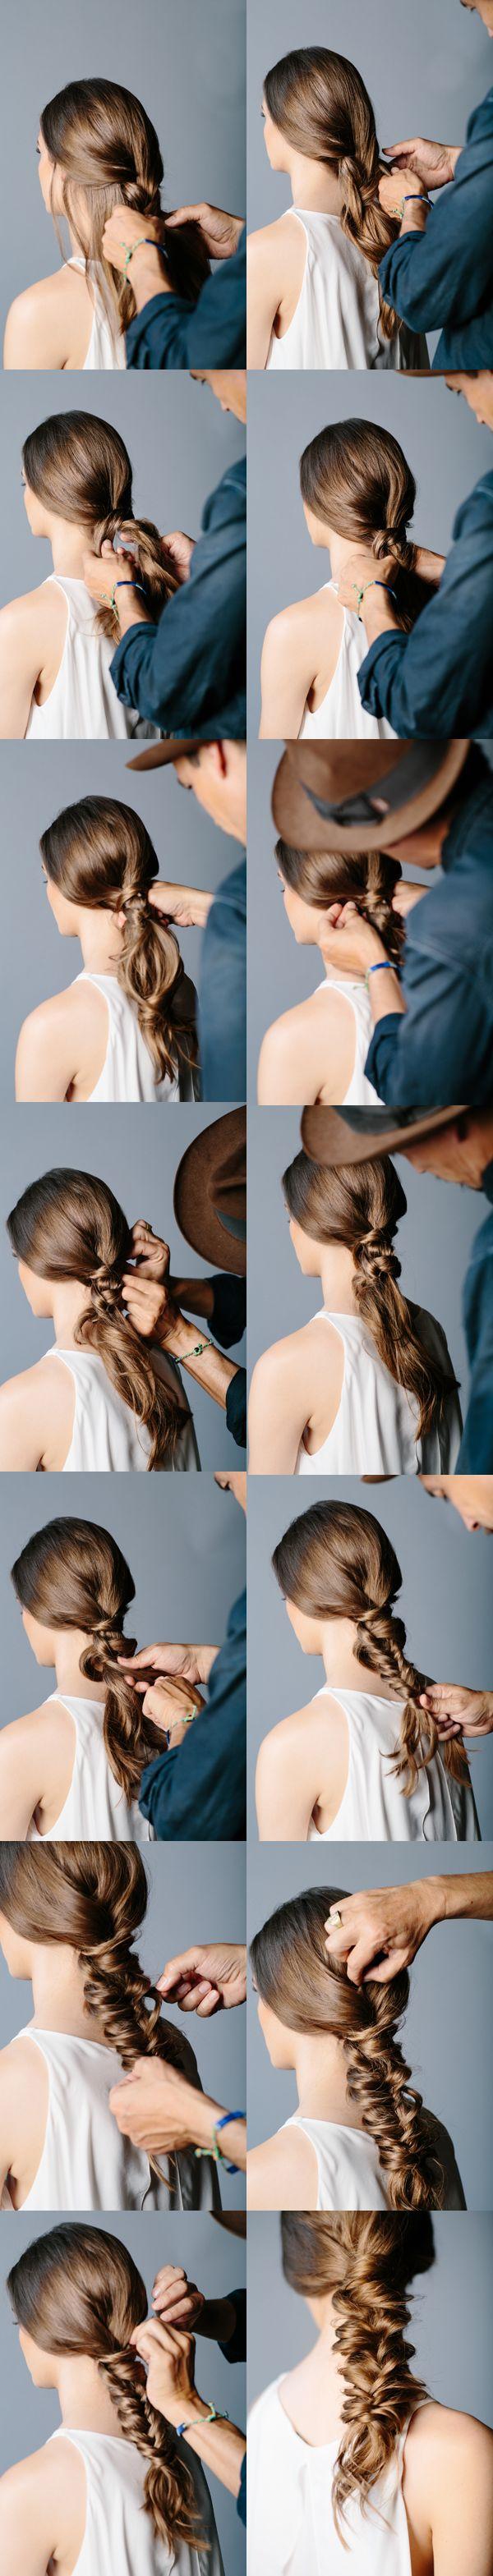 Tutorial penteado bonito para a aparência elegante